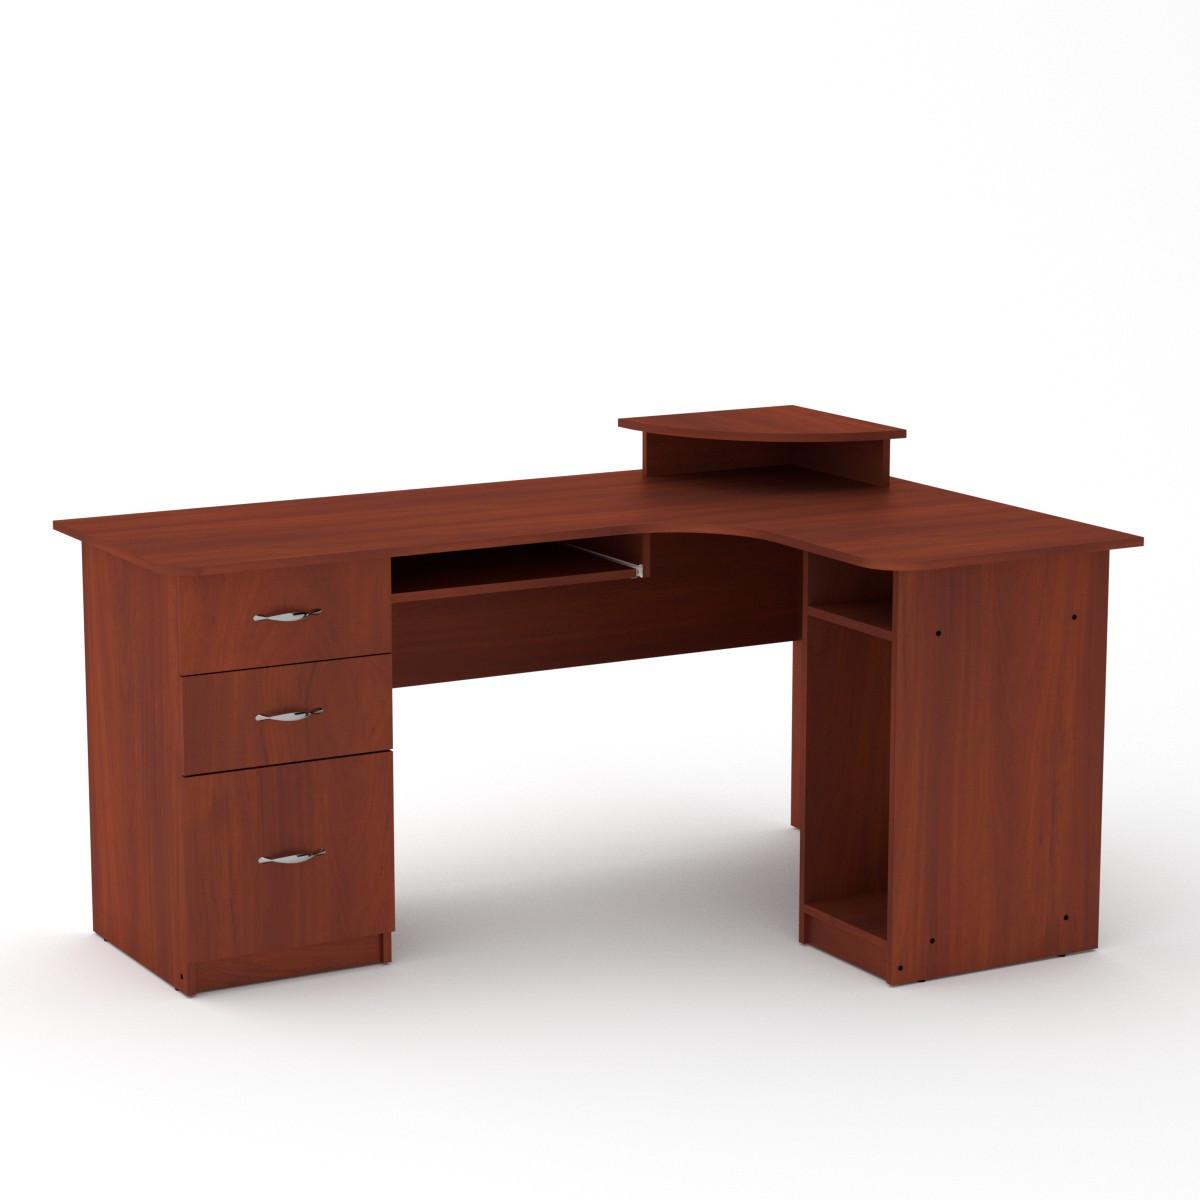 Стол компьютерный СУ-3 яблоня Компанит (160х110х87 см)